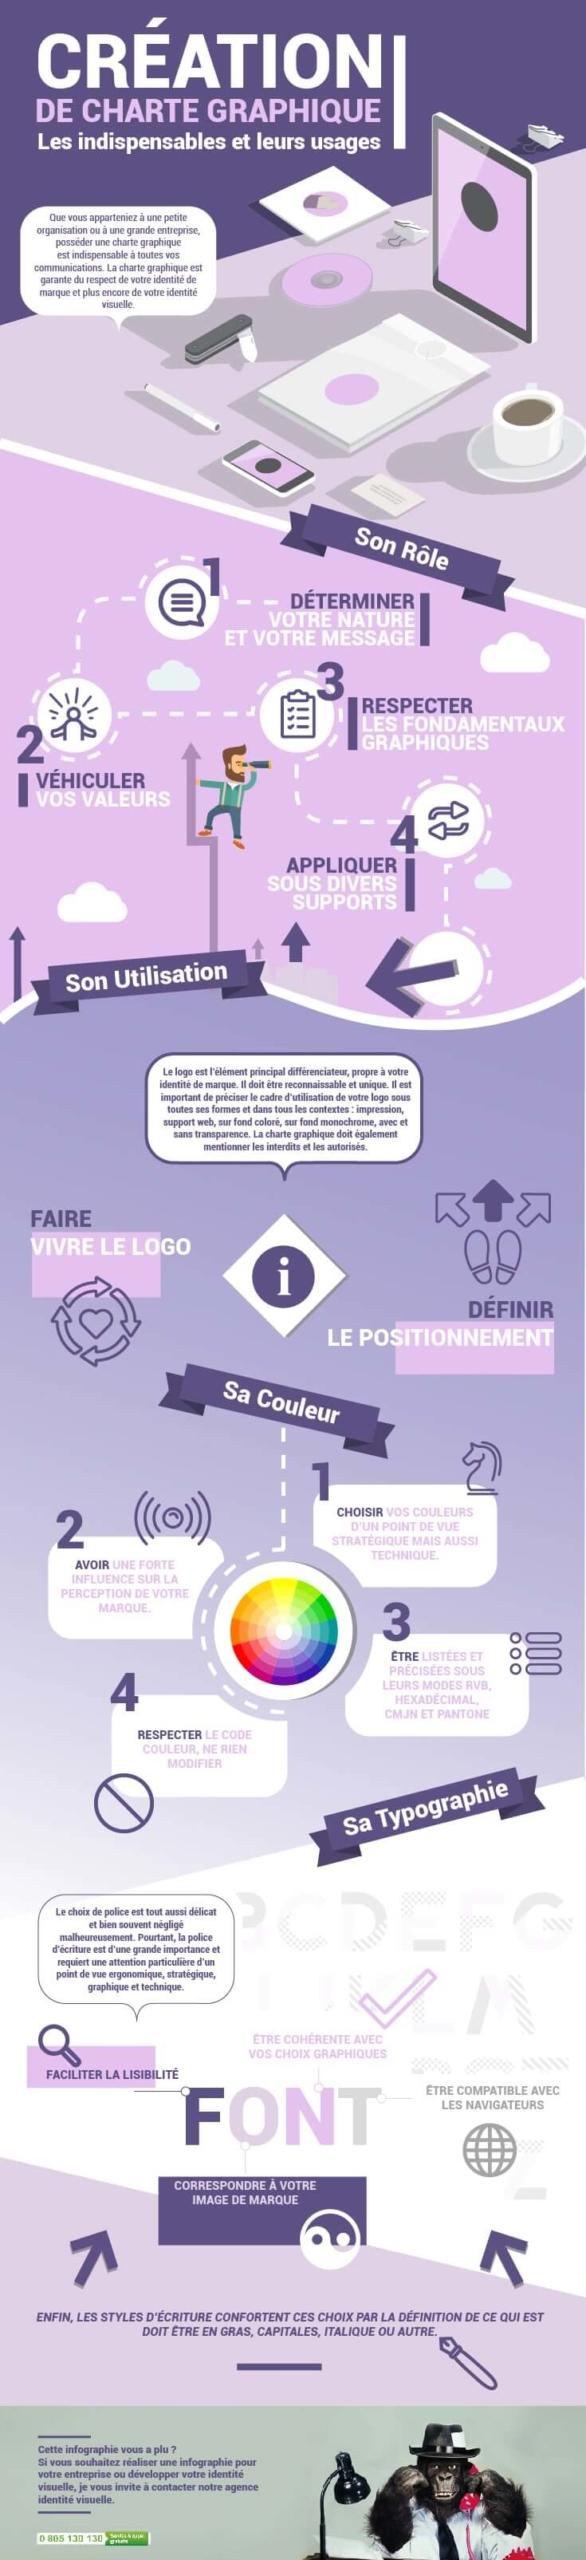 Charte graphique -MArc-CORNET-Transformation-numérique-des-entreprises-Vosges-Alsace-Lorraine-Grand-Est-définir sa charte graphie identité visuelle